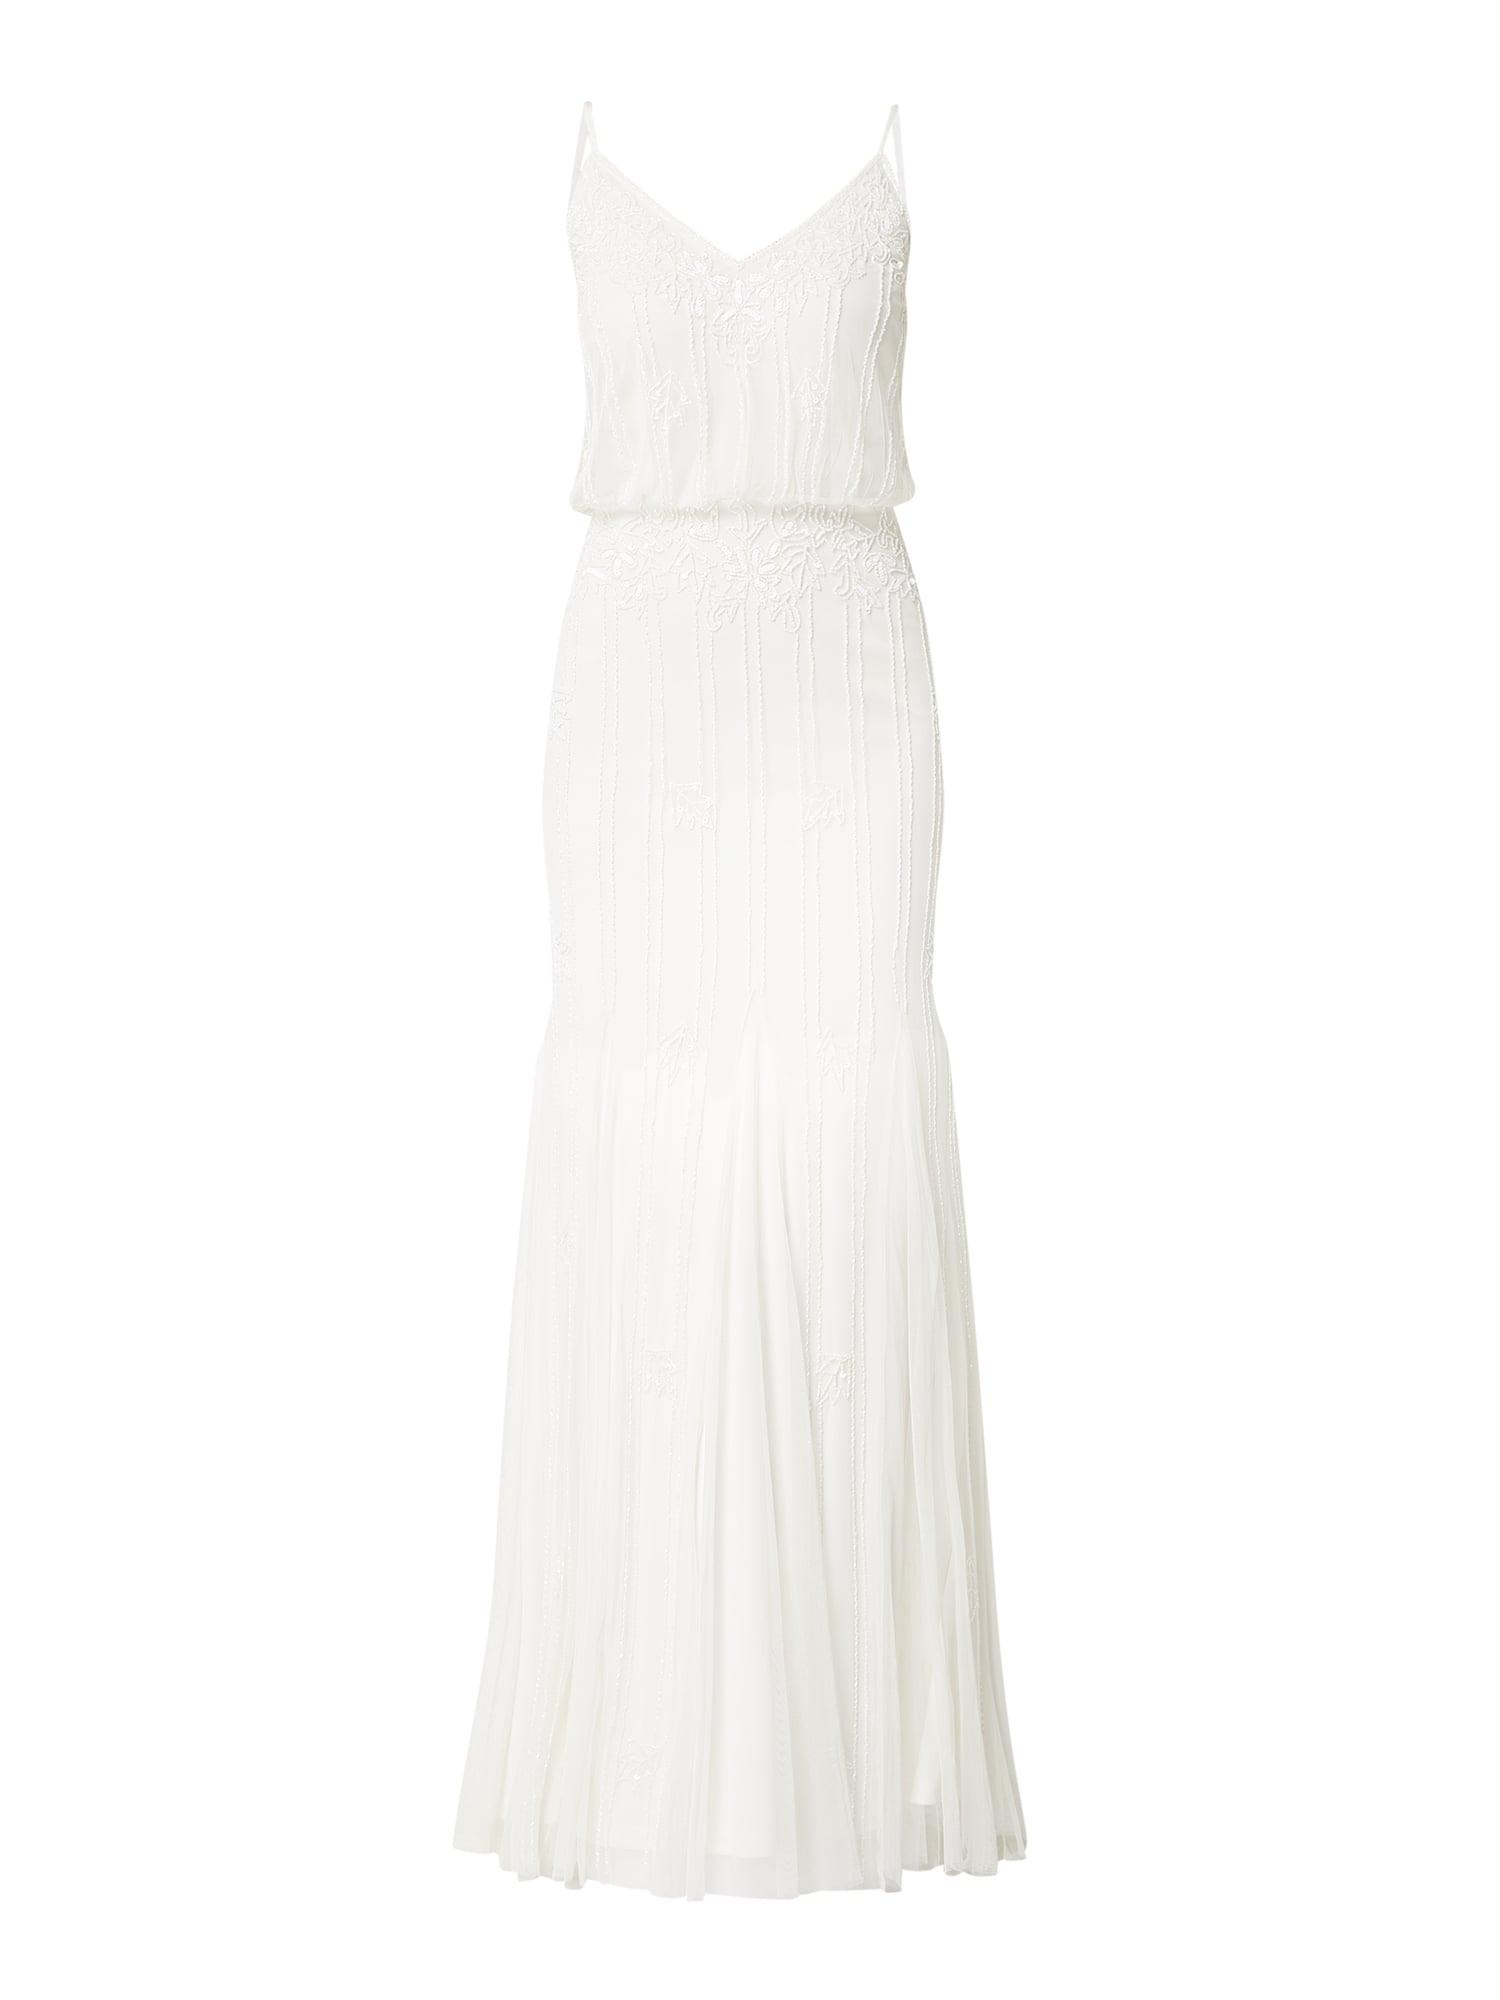 Lace  Beads Abendkleid Aus Mesh In Weiß Online Kaufen